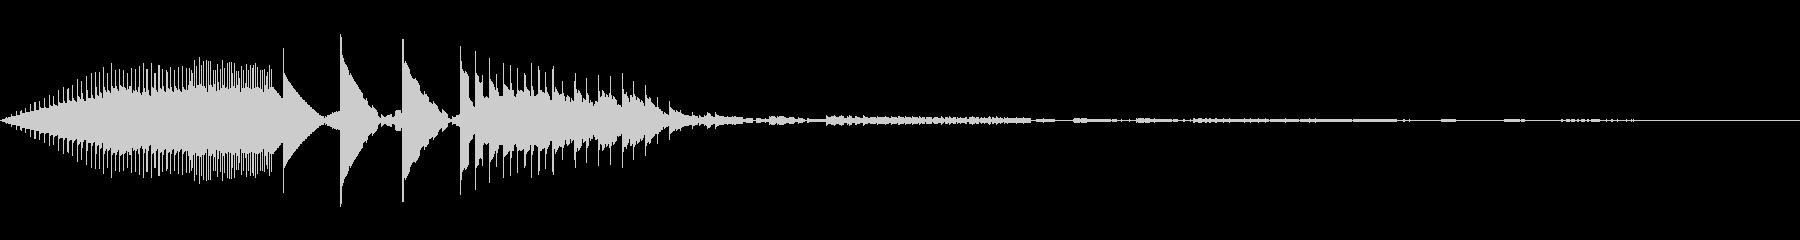 ブロック移動(8bit風)の未再生の波形